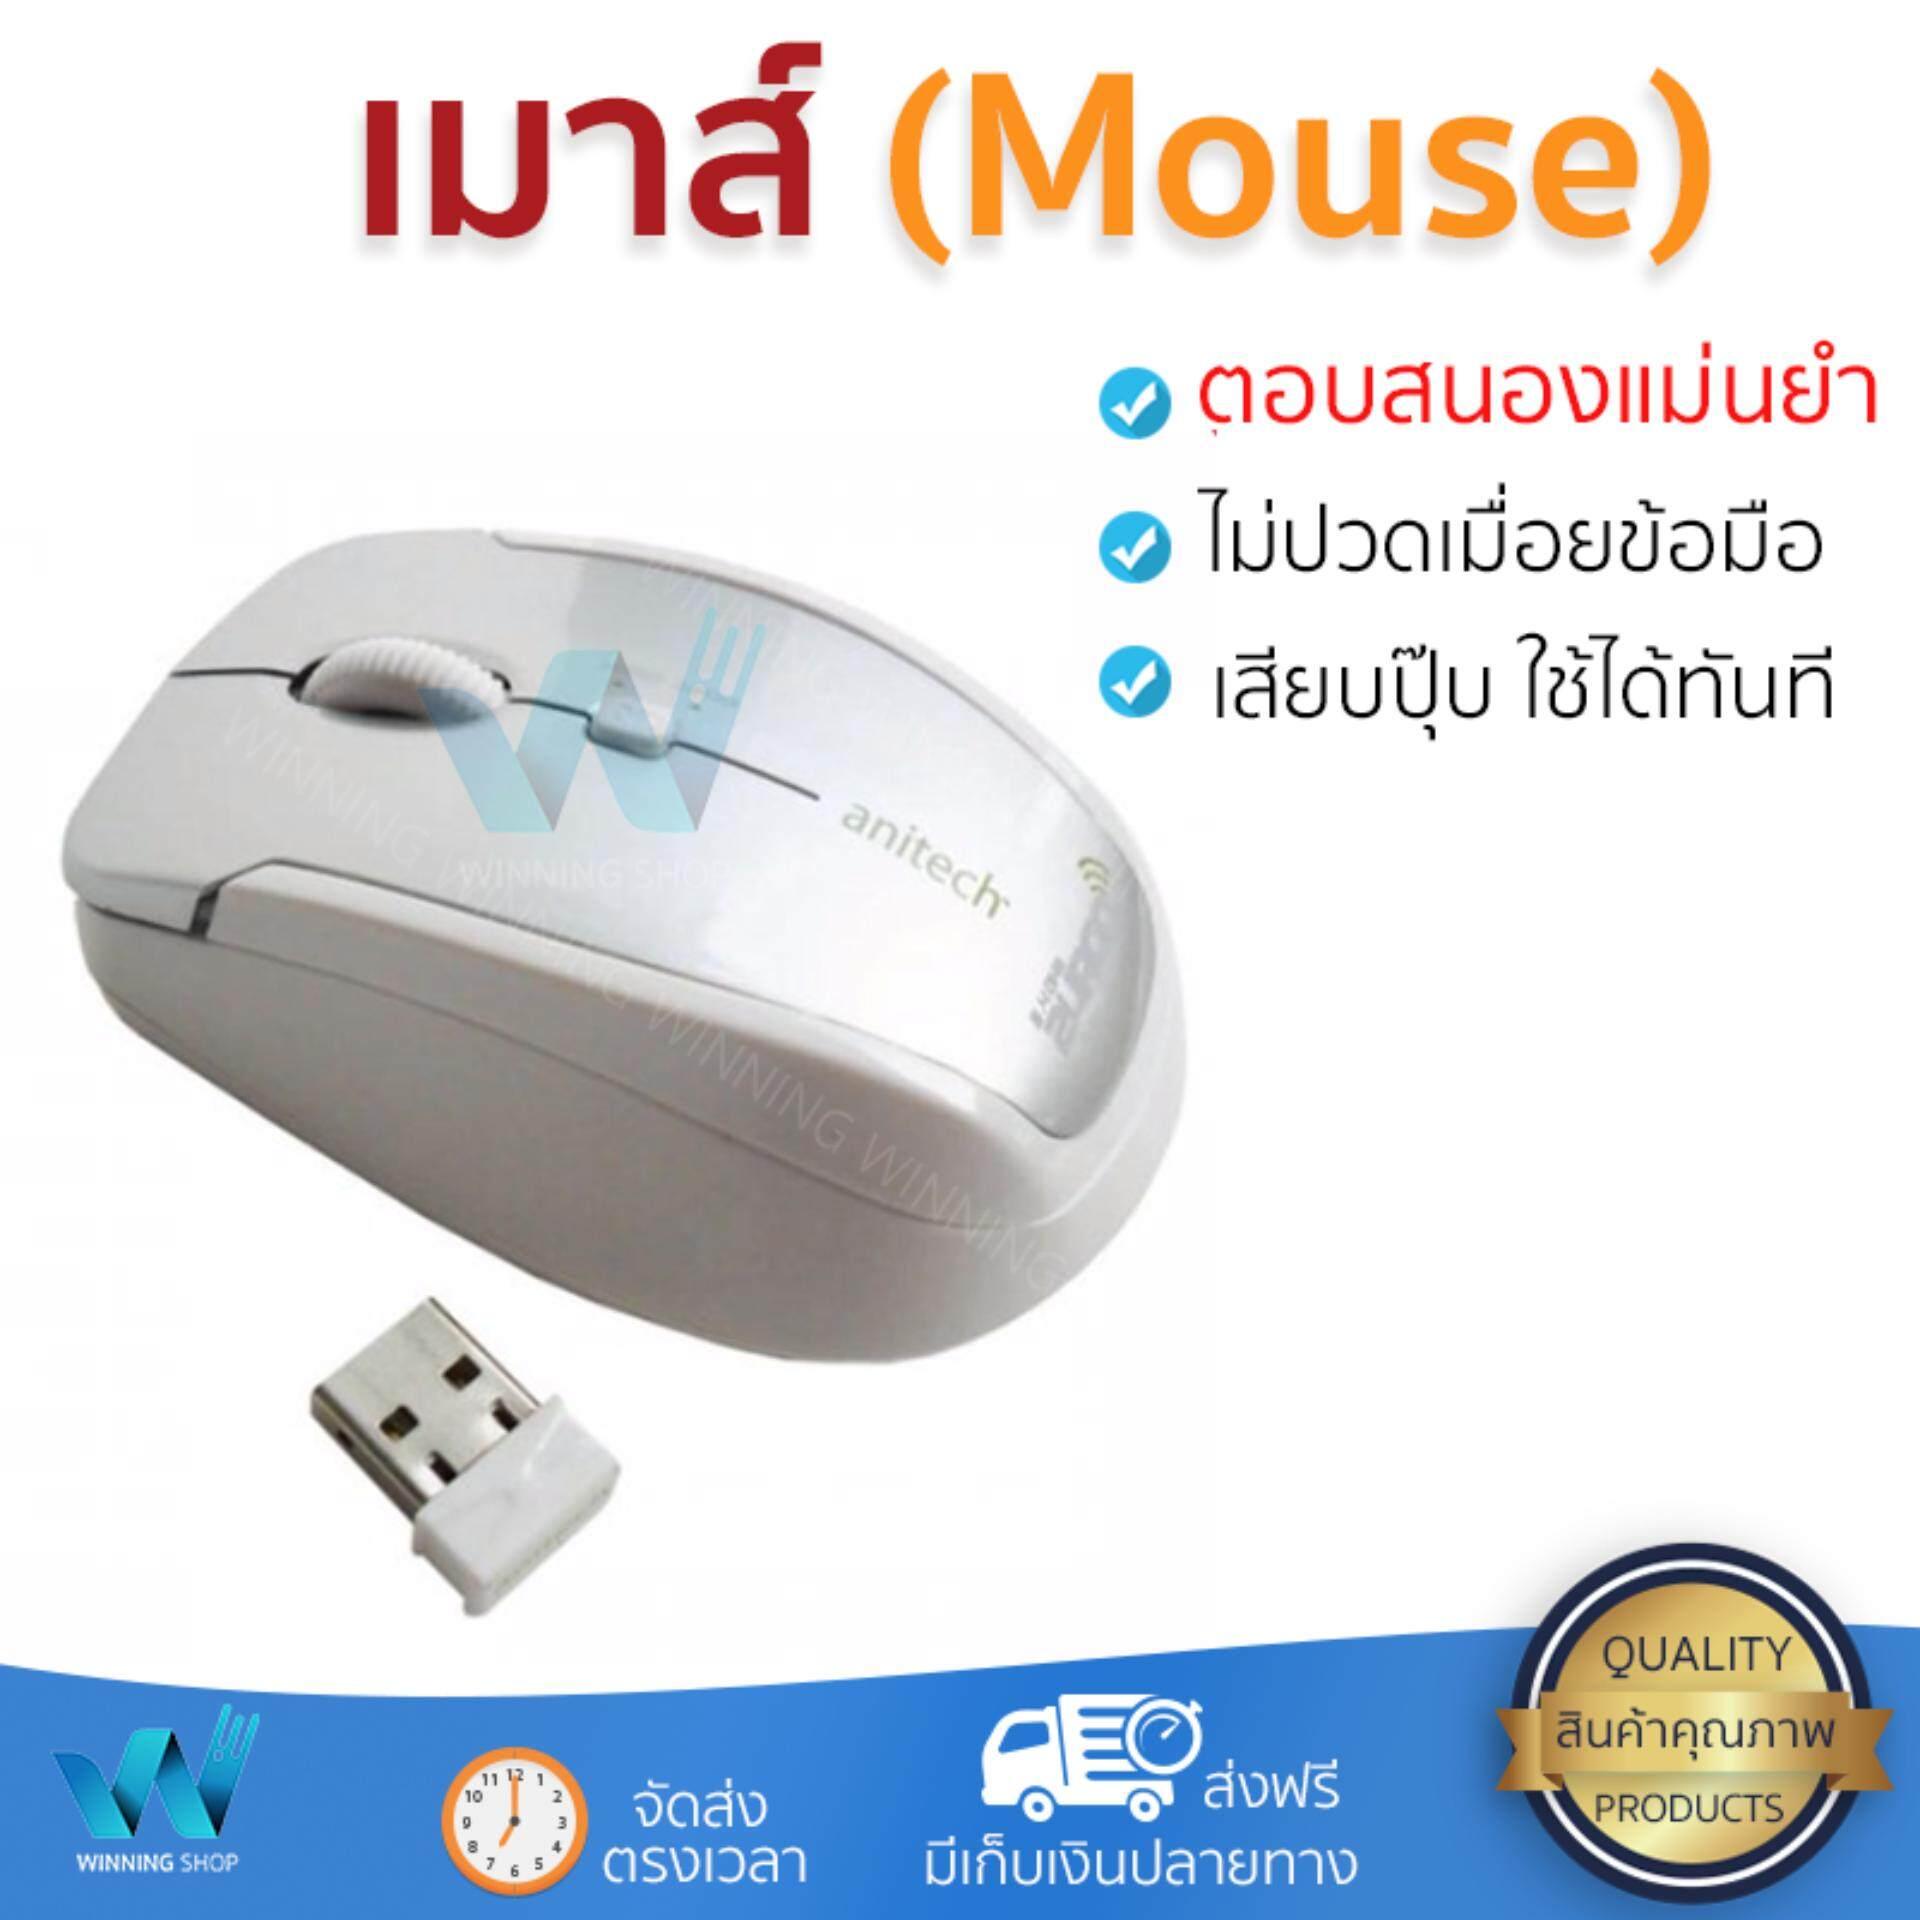 เก็บเงินปลายทางได้ รุ่นใหม่ล่าสุด เมาส์           ANITECH เมาส์ไร้สาย (สีขาว) รุ่น MW211-SL             เซนเซอร์คุณภาพสูง ทำงานได้ลื่นไหล ไม่มีสะดุด Computer Mouse  รับประกันสินค้า 1 ปี จัดส่งฟรี Kerr